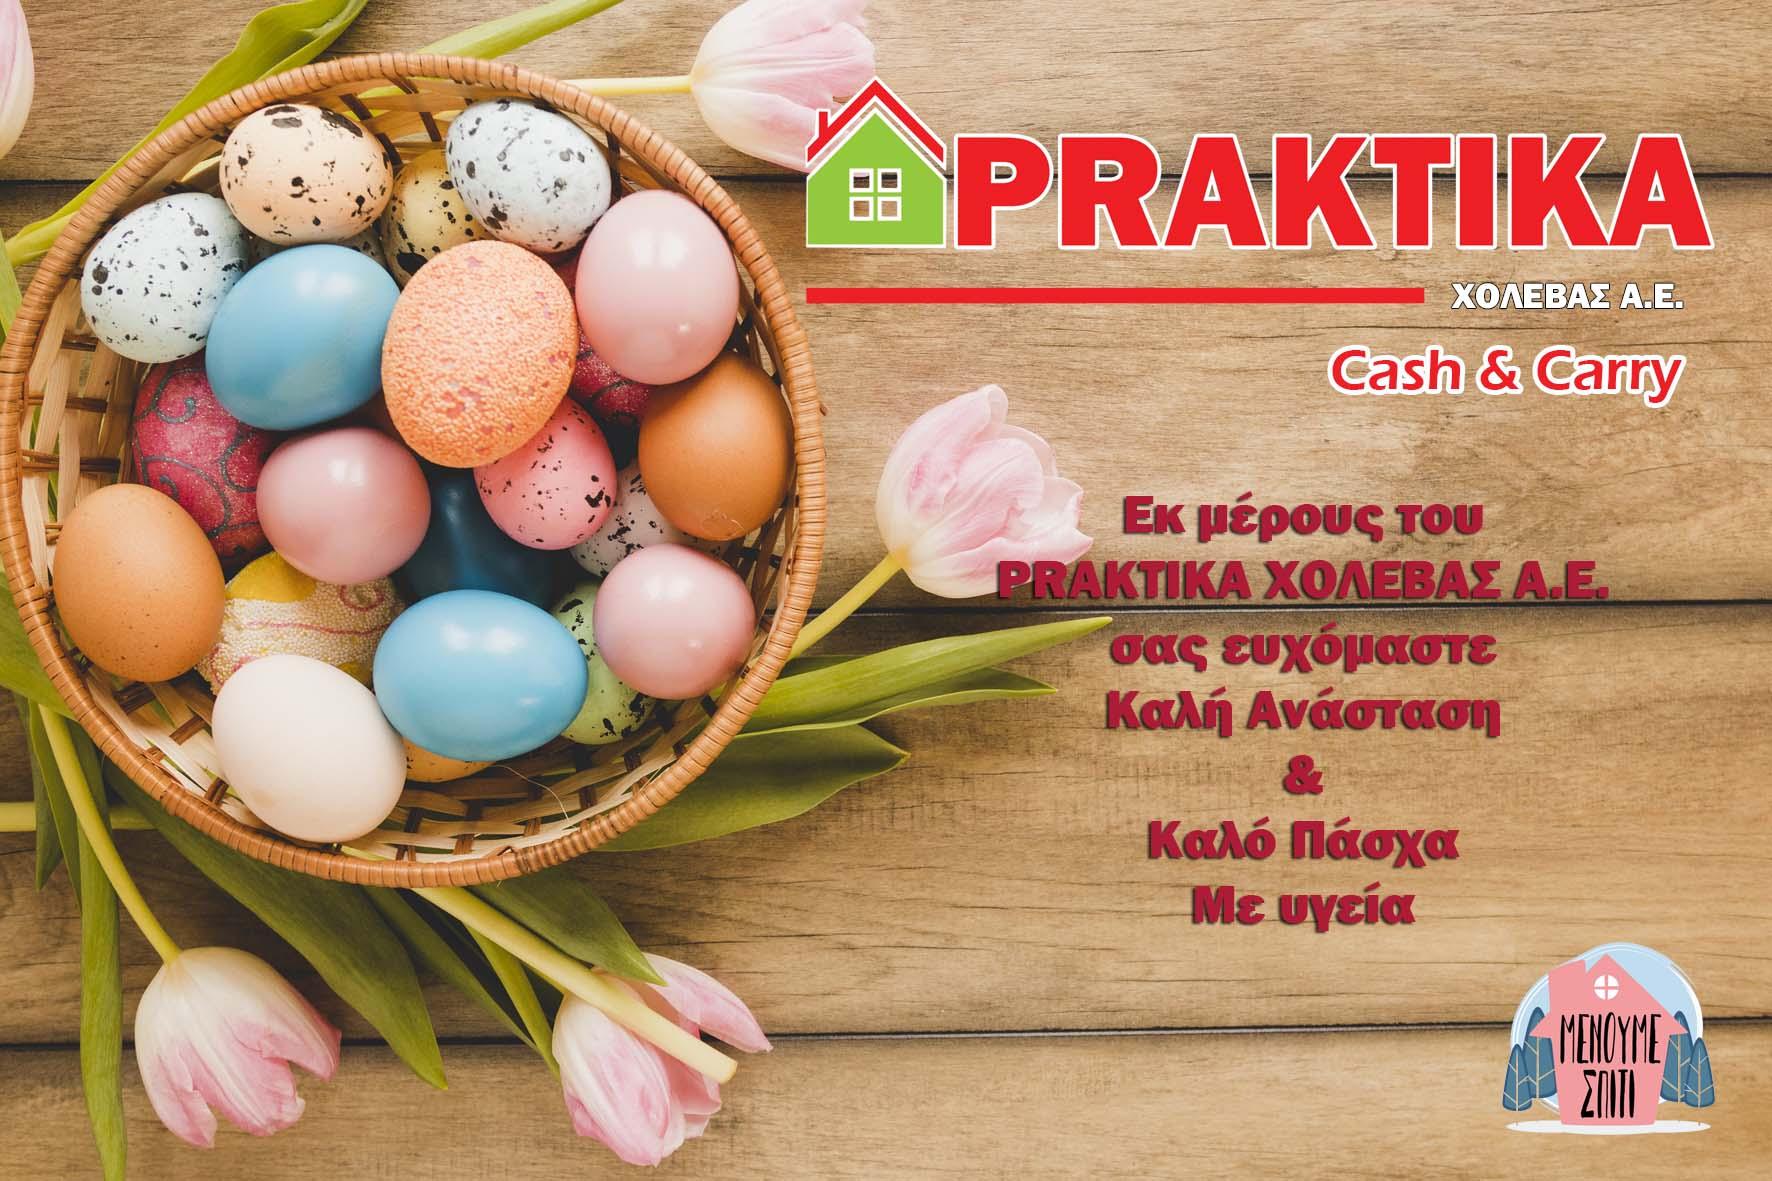 Καλή Ανάσταση και Καλό Πάσχα από την PRAKTIKA Χολέβας ΑΕ